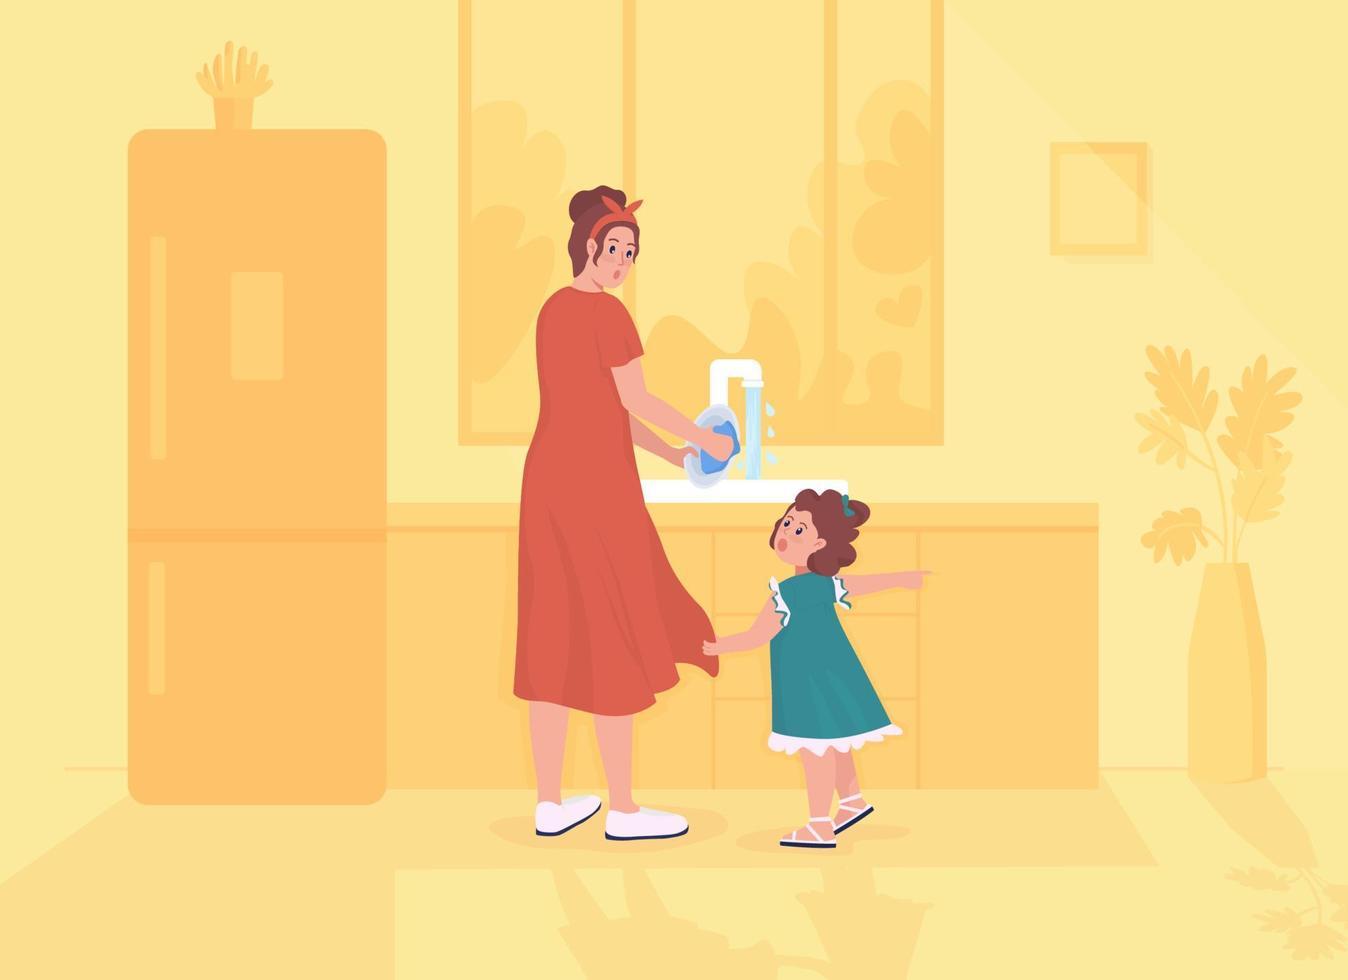 filha distrai ilustração vetorial de cor plana para os pais vetor